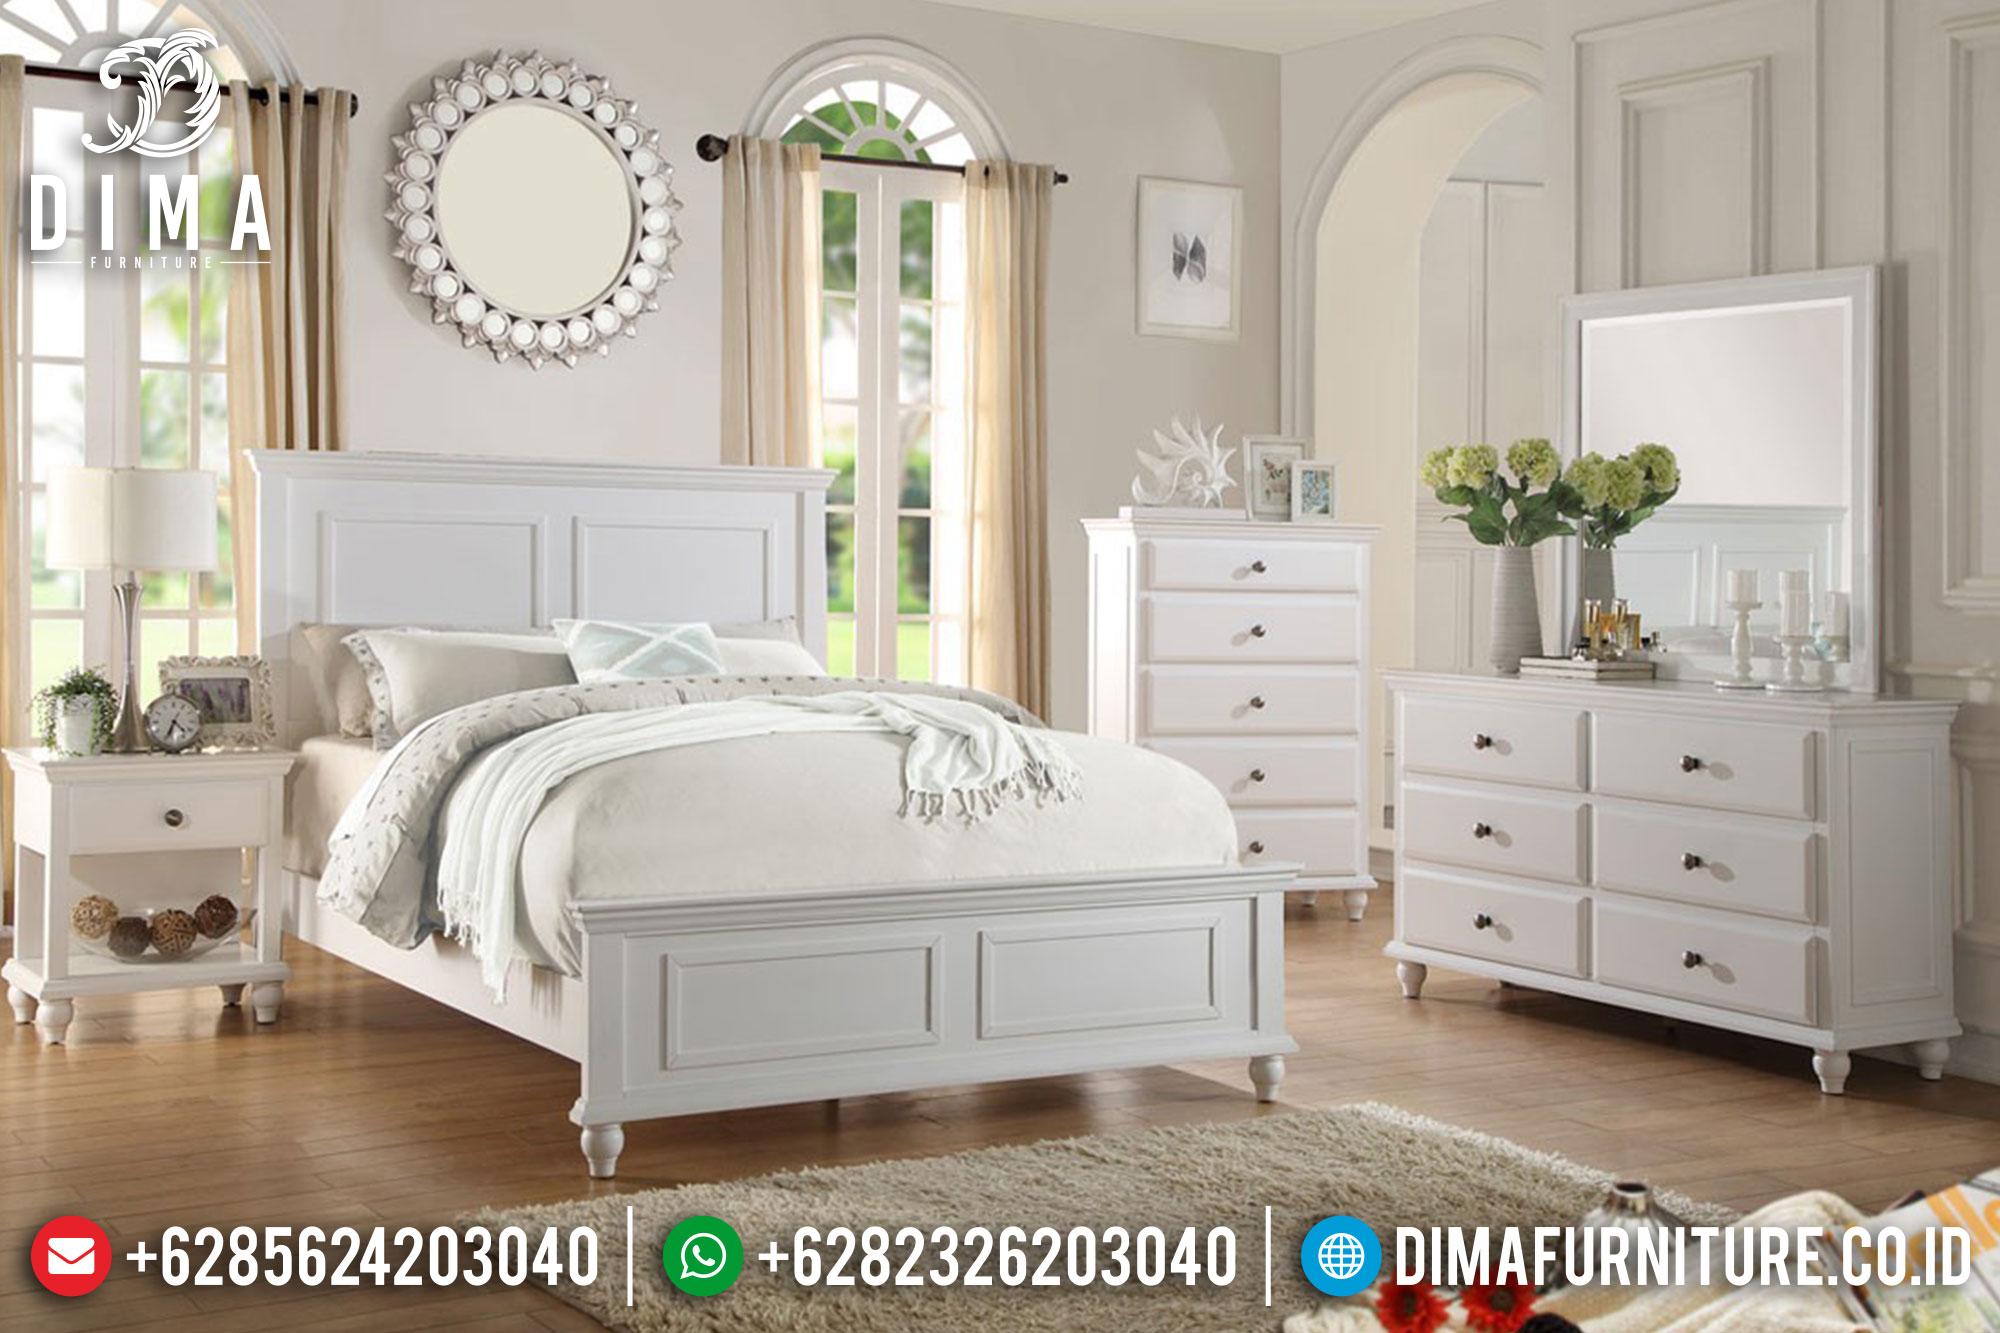 Beli Mebel Jepara Set Kamar Tidur Minimalis Shabby Mewah Terbaru DF-0357